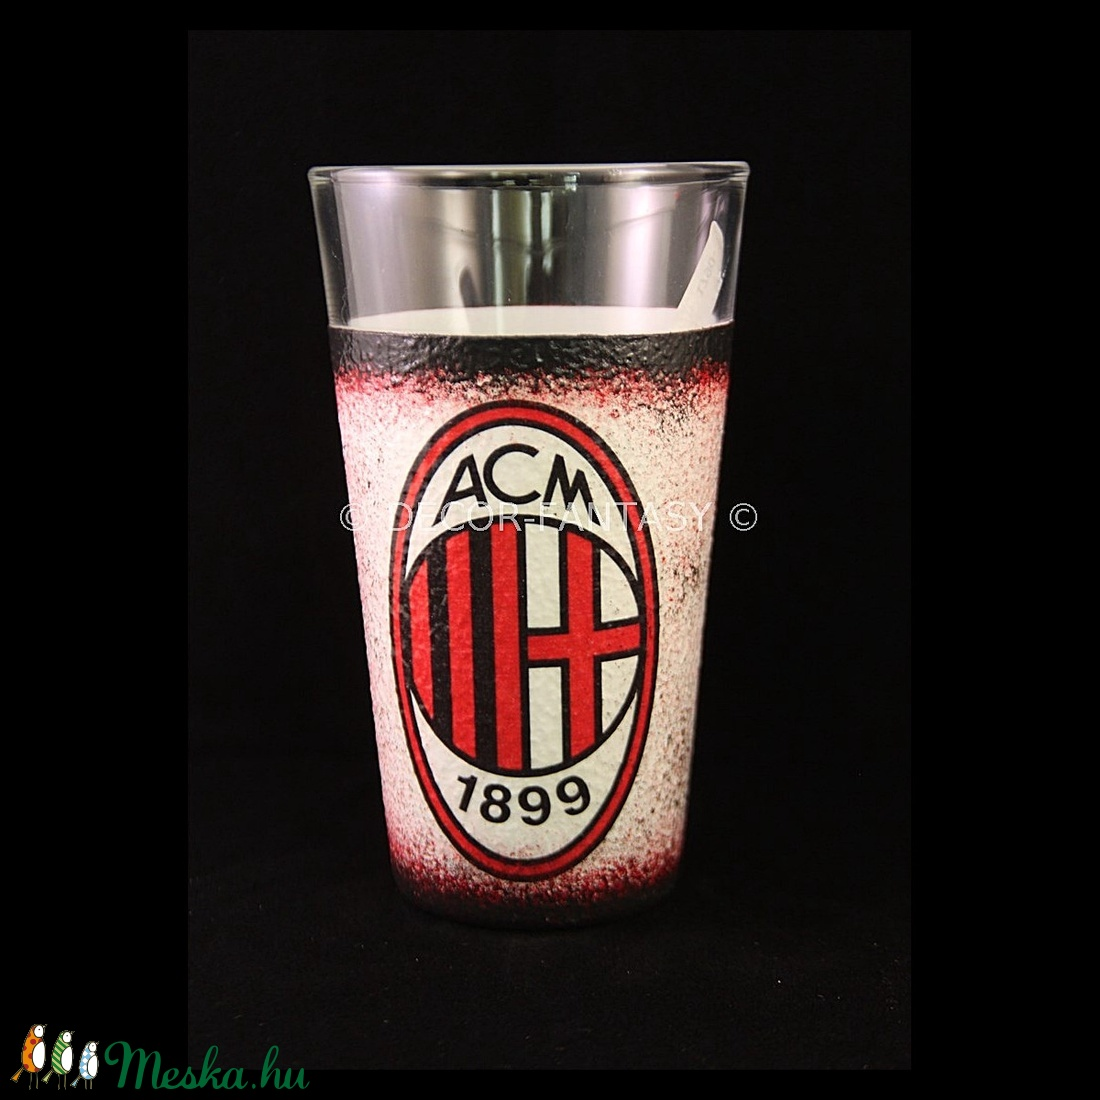 AC MILAN  emblémával díszített vizes pohár ( 0,3 l )  (decorfantasy) - Meska.hu